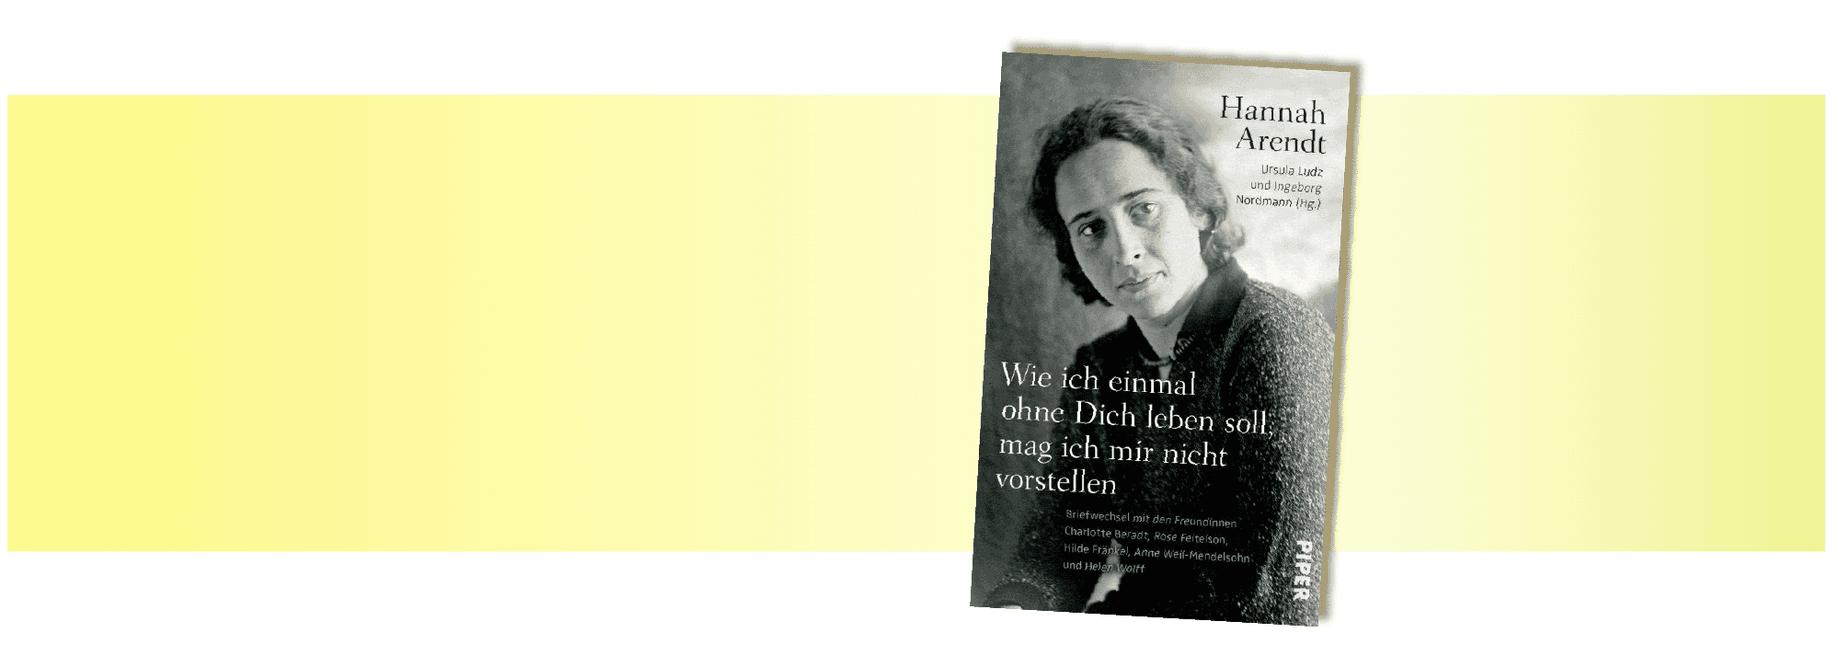 Das sind die besten Bücher für den Sommer - Kultur - Süddeutsche.de